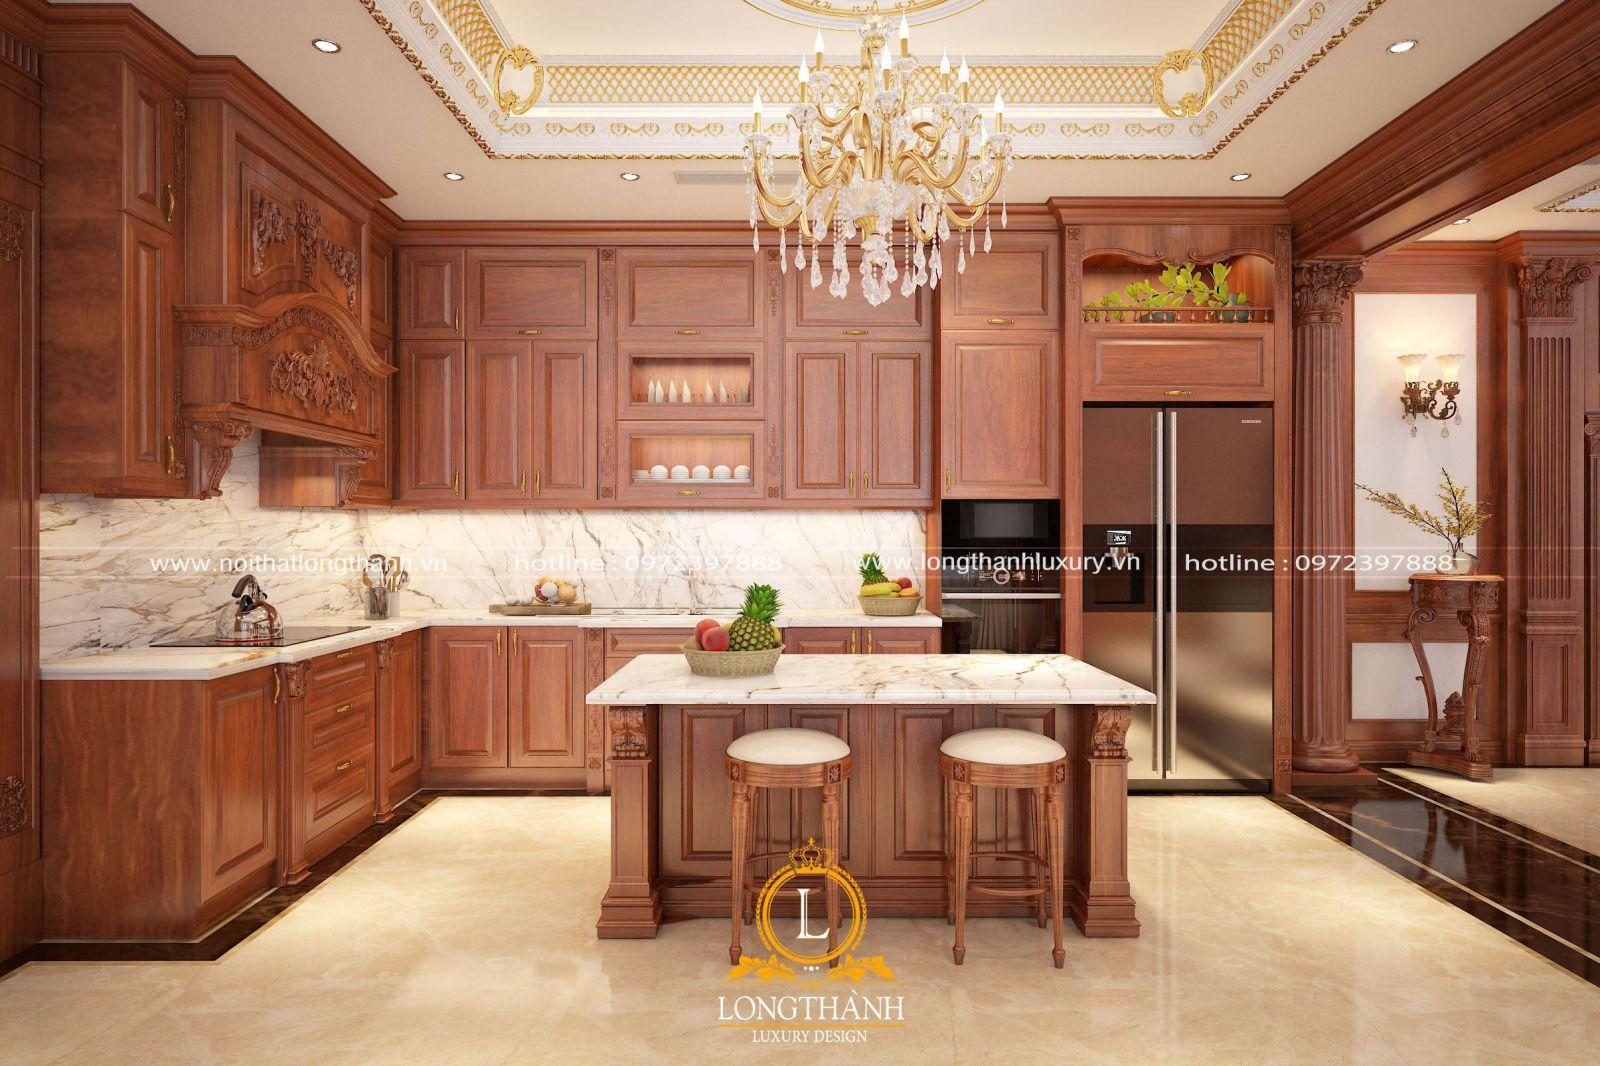 Bộ tủ bếp gỗ Gõ màu vàng với những đường vân gỗ tự nhiên nổi bật